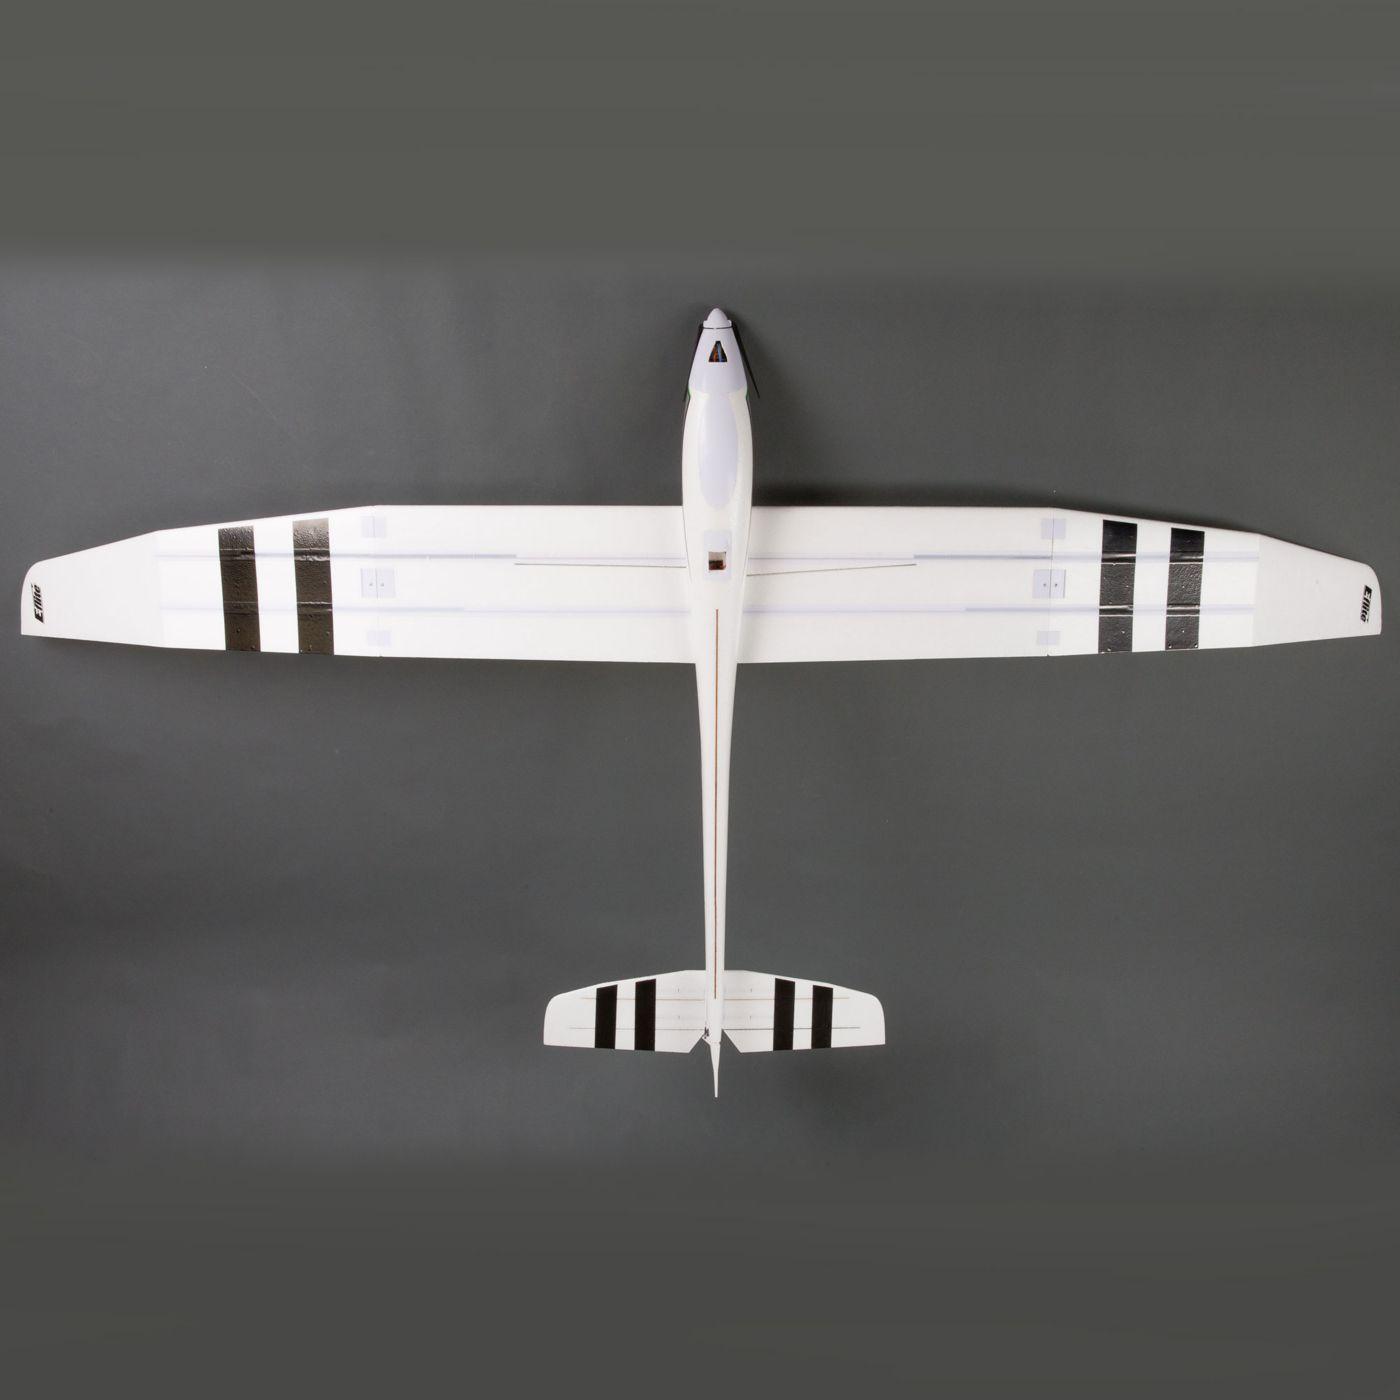 Radian XL 2.6 E-flite